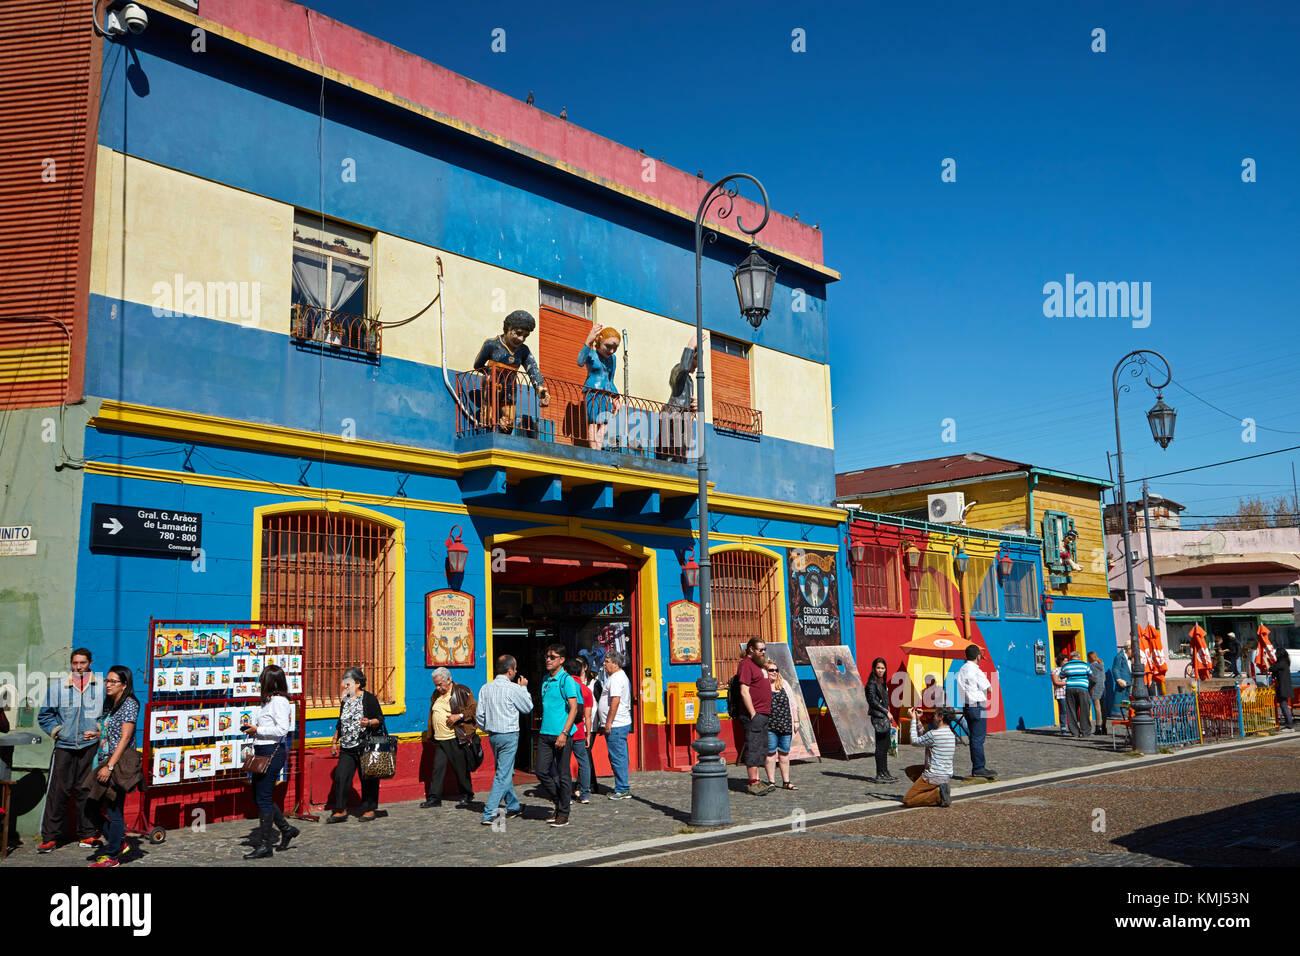 Touristen und Souvenirläden, La Boca, Buenos Aires, Argentinien, Südamerika Stockbild